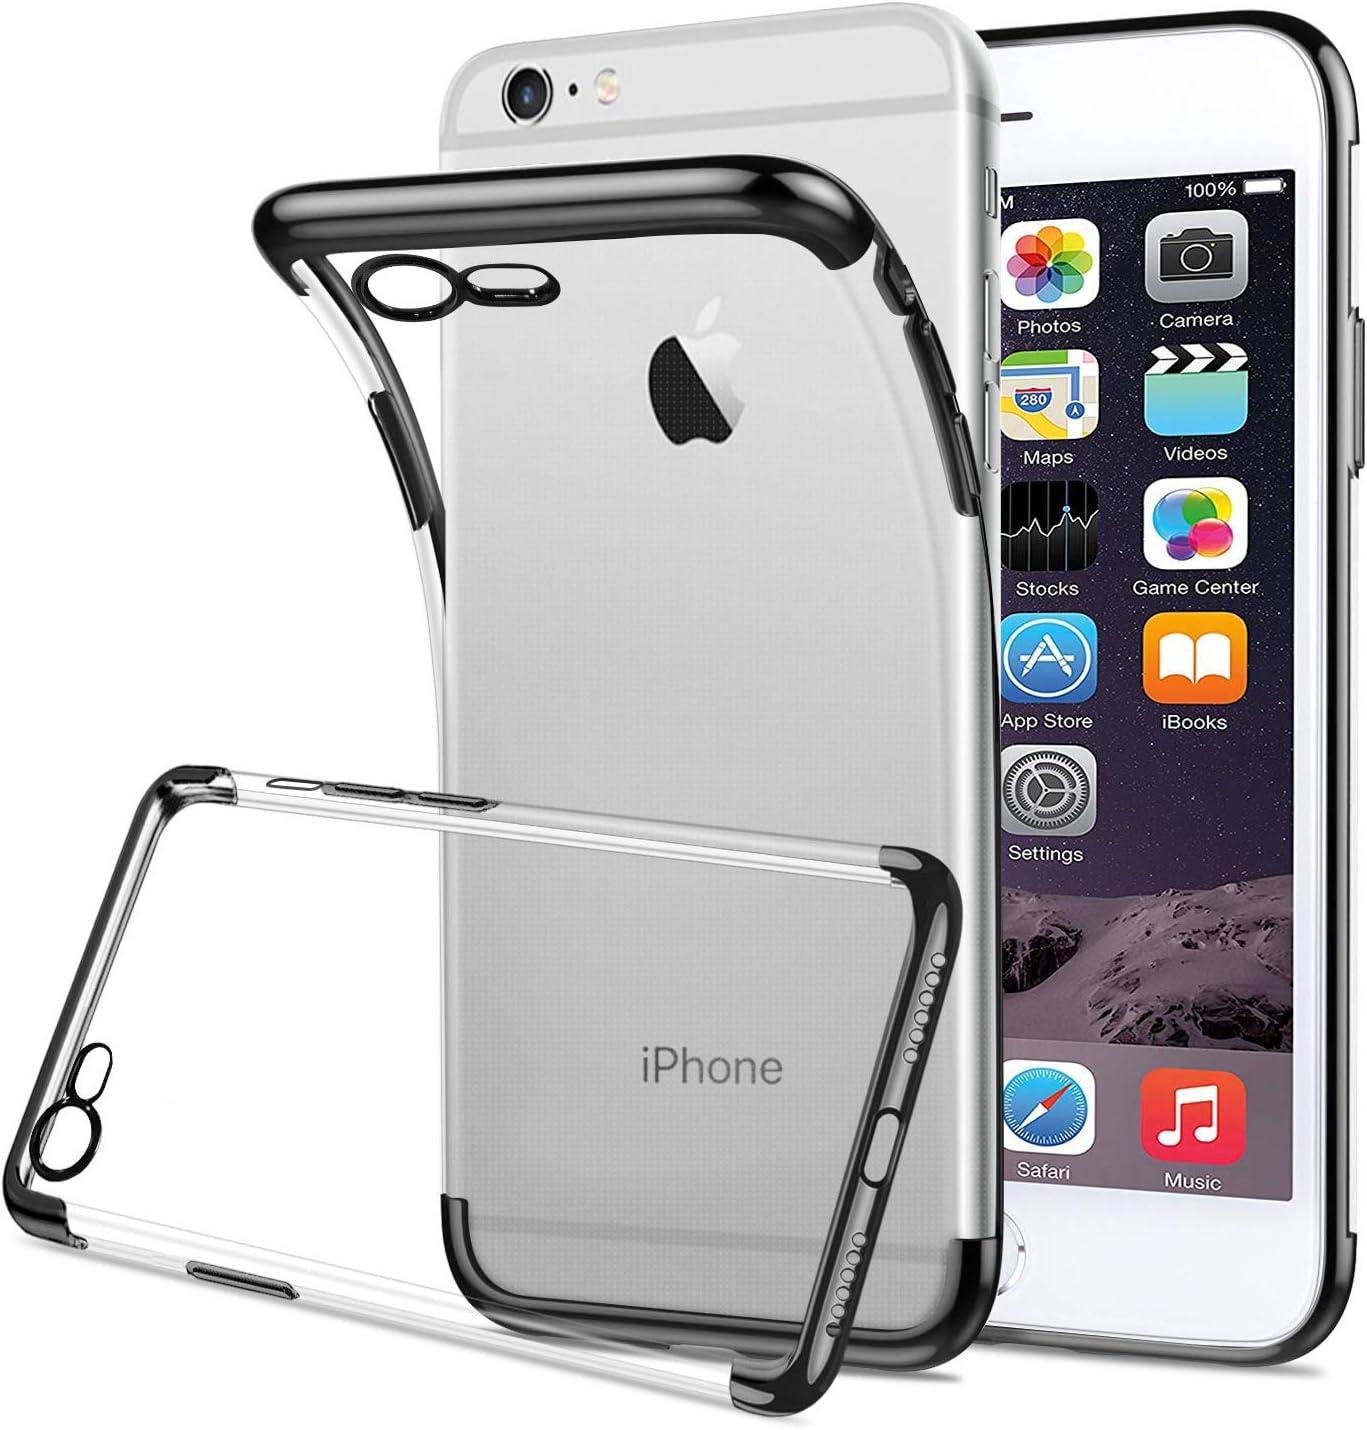 HOOMIL Kompatibel mit iPhone 6S//6 H/ülle Transparent Silikon Handyh/ülle f/ür Apple iPhone 6S//6 Durchsichtige Schutzh/ülle Schwarz Bumper